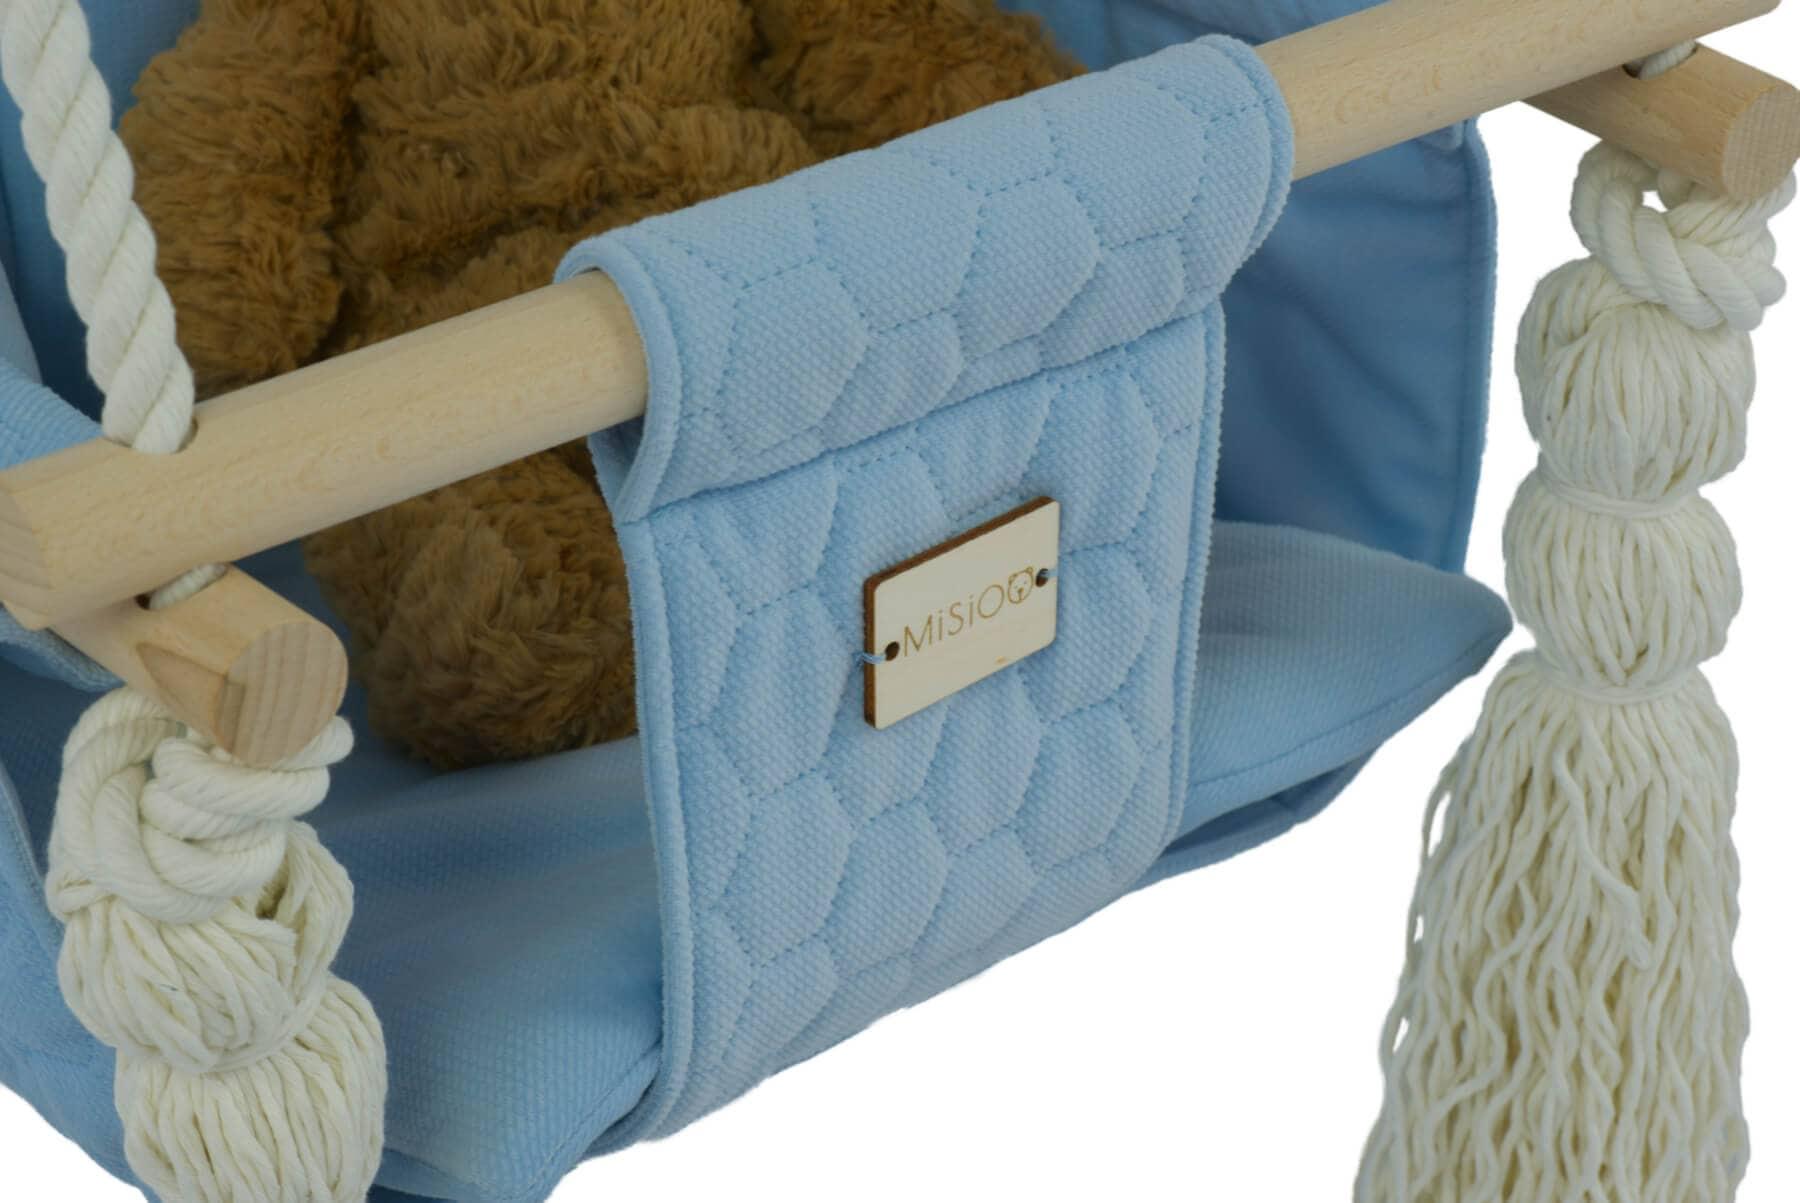 Kinderschaukel Holz Misioo - blau